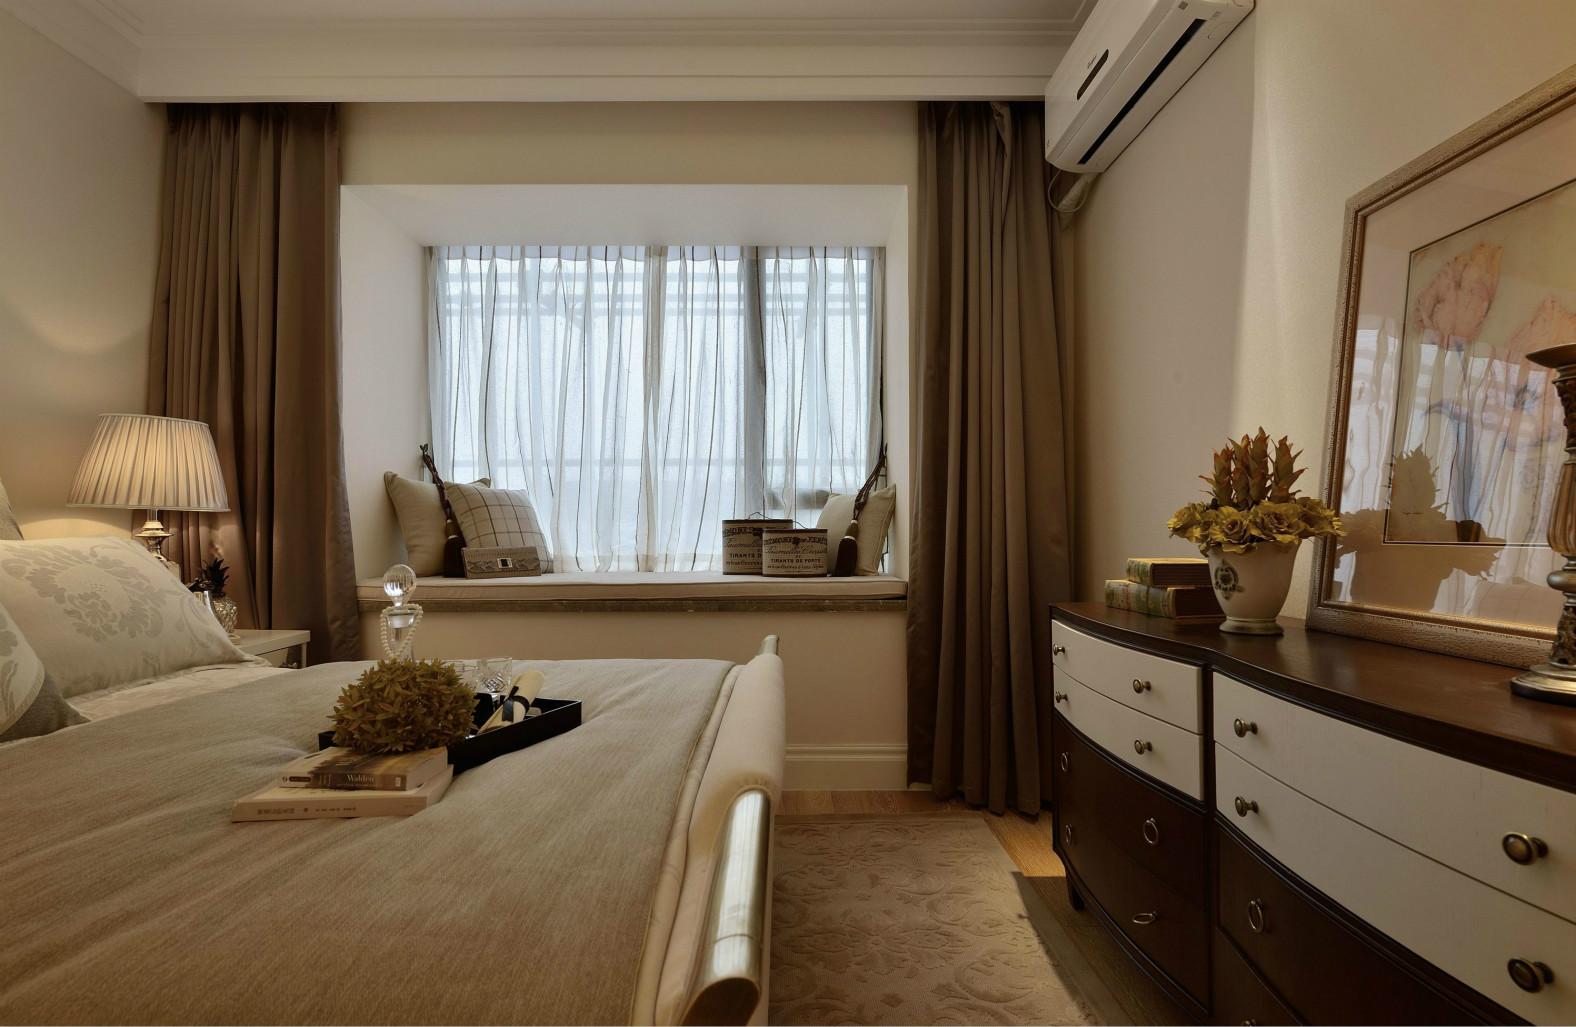 床品和窗帘很好的提高了整个房间的时尚